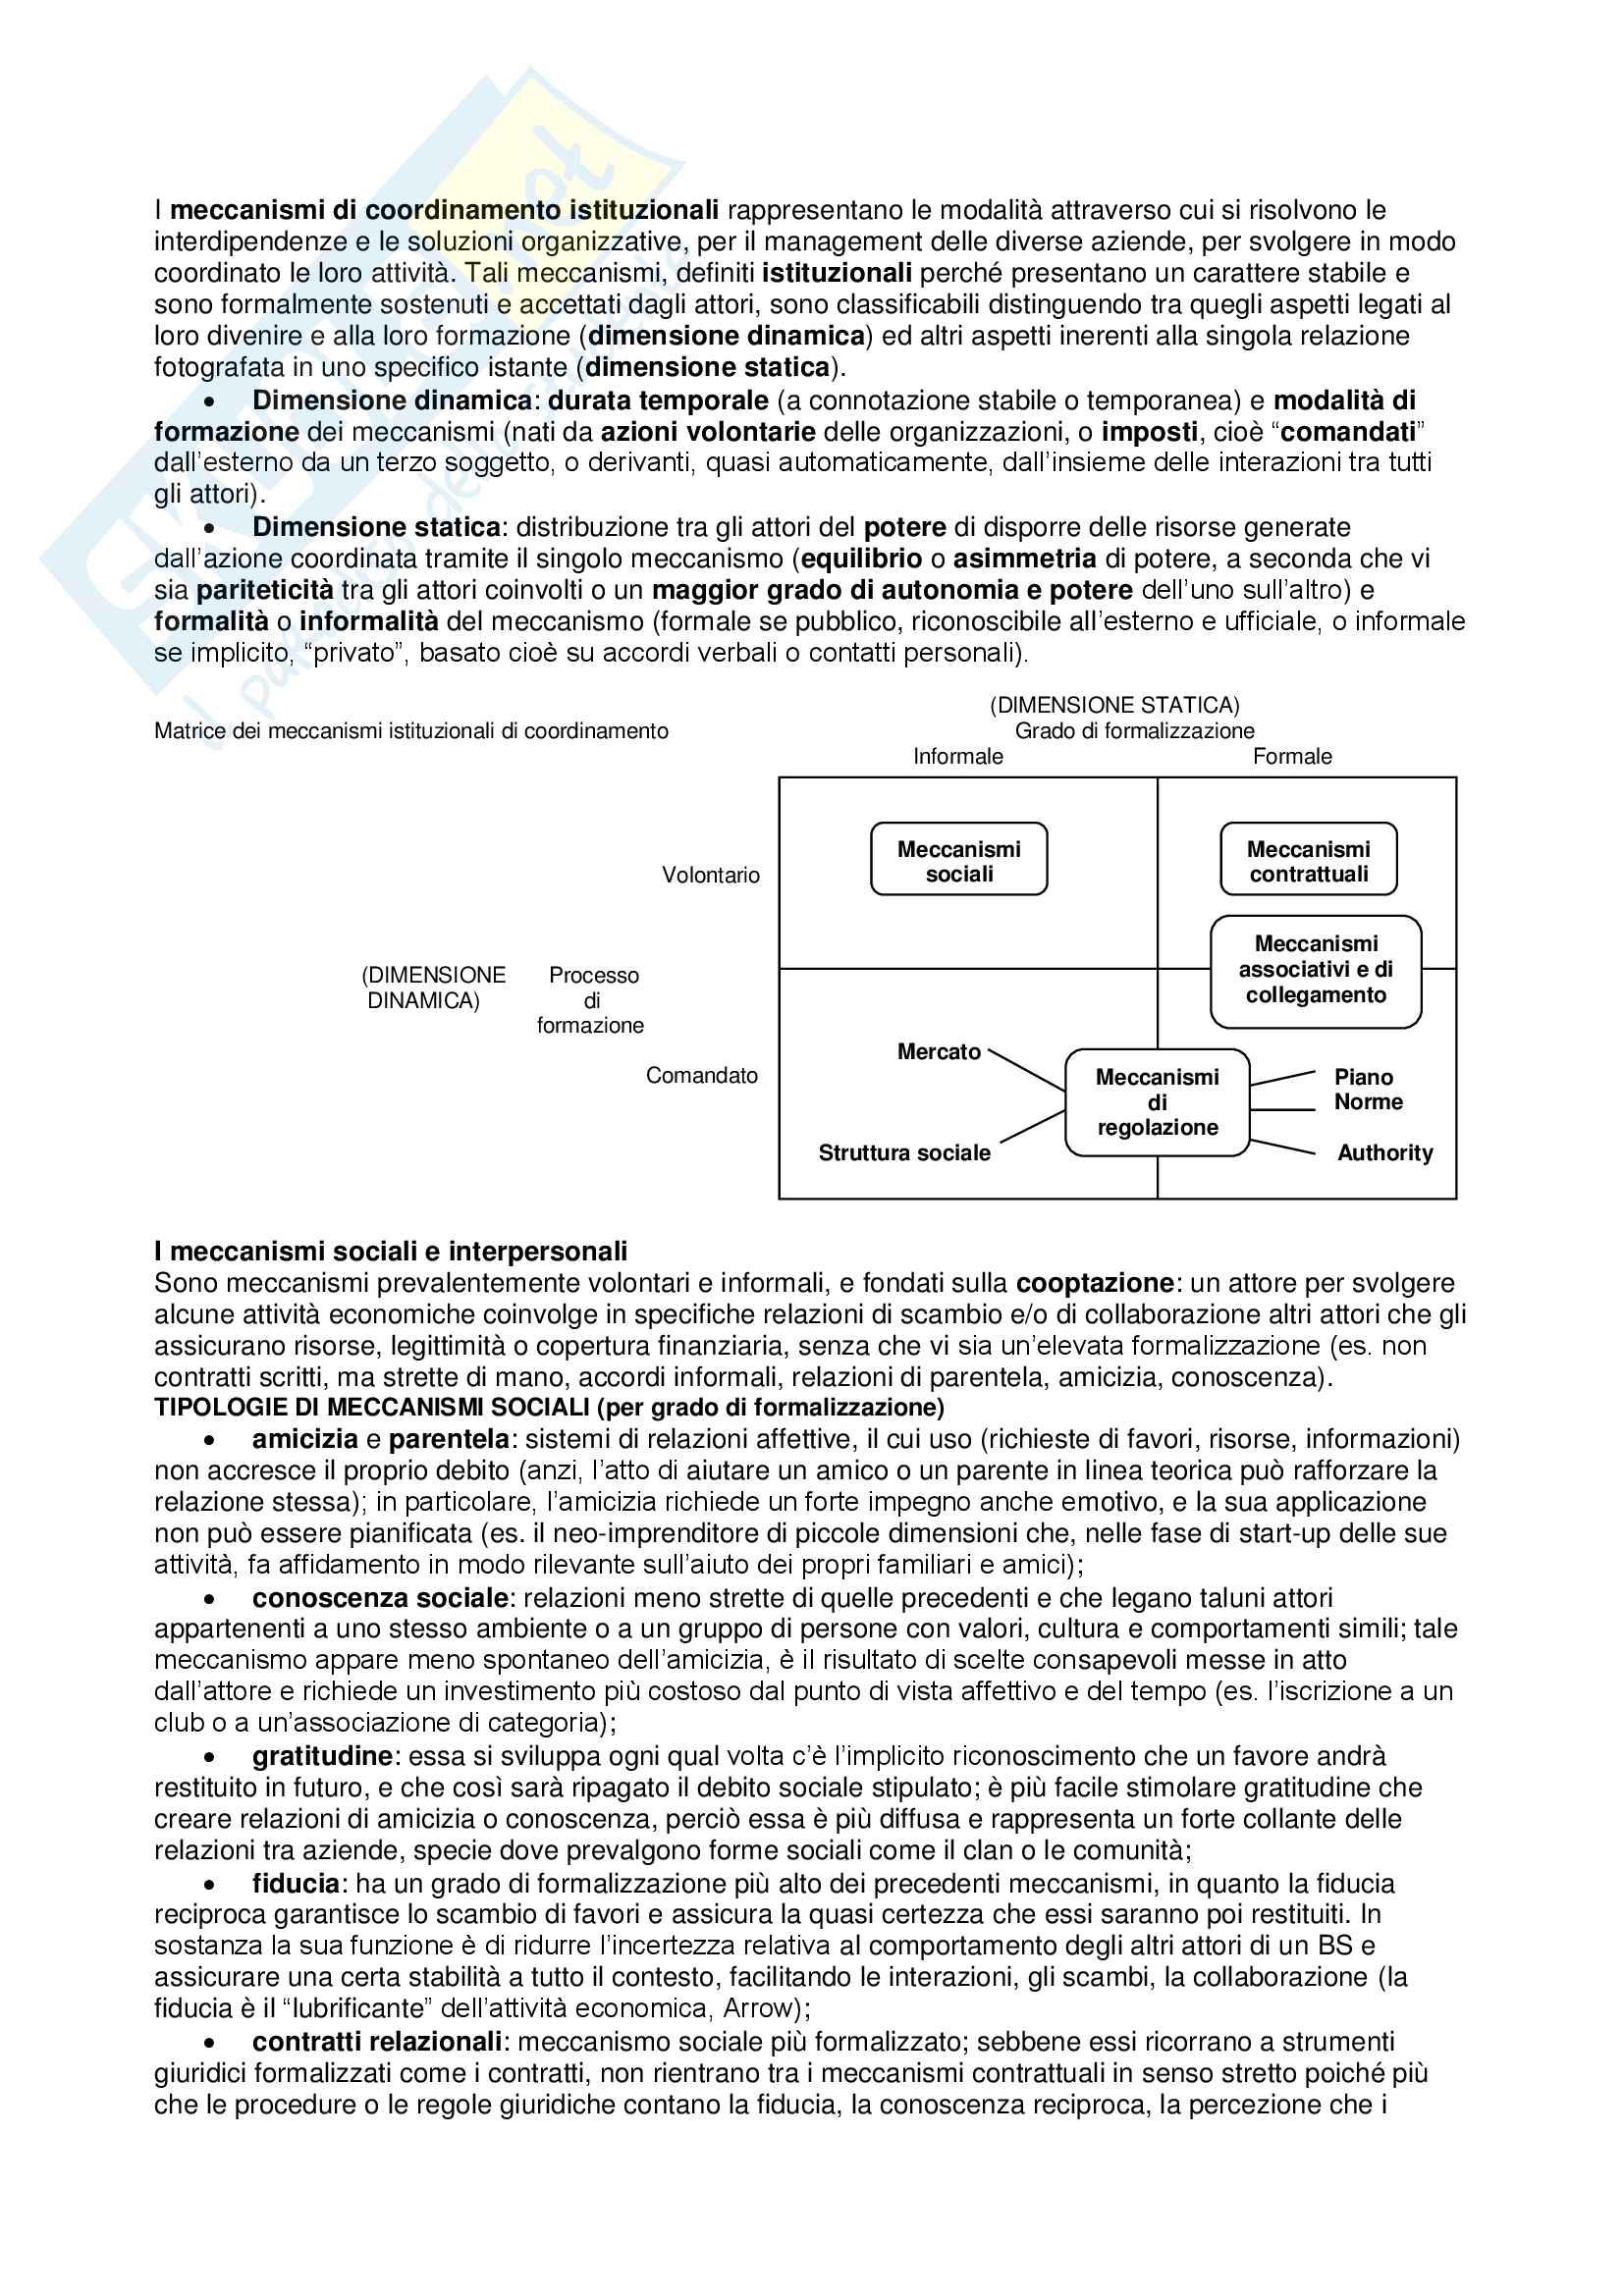 Riassunto esame di Organizzazione Aziendale, proff. Sicca, Canonico, Consiglio, Mercurio, libro Organizzazione aziendale: assetto e meccanismi di relazione Pag. 31